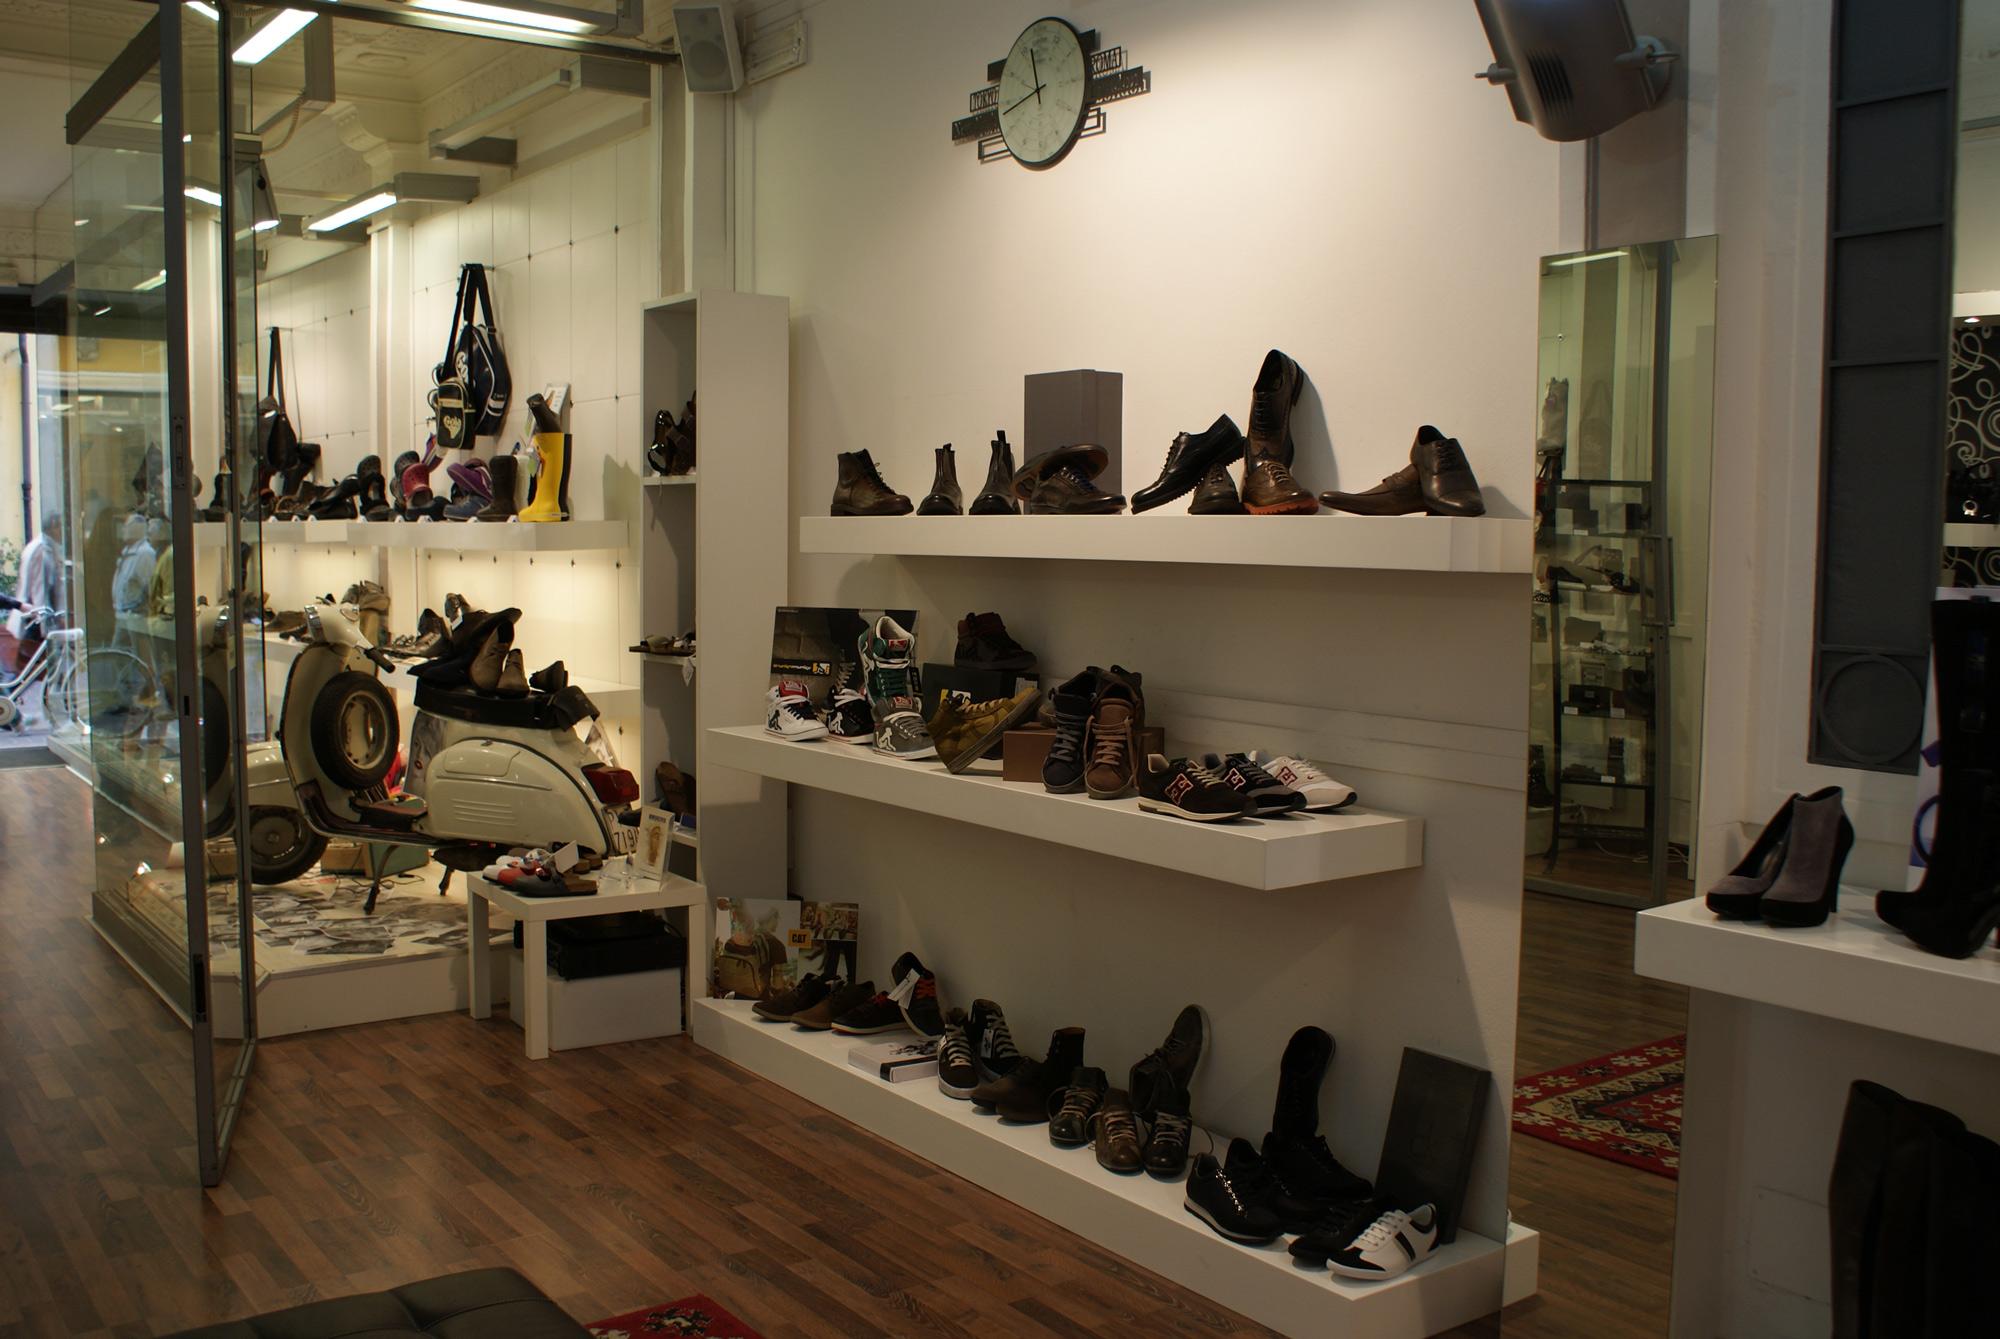 Arredamento per negozio di calzature toscana belardi for Belardi arredamenti